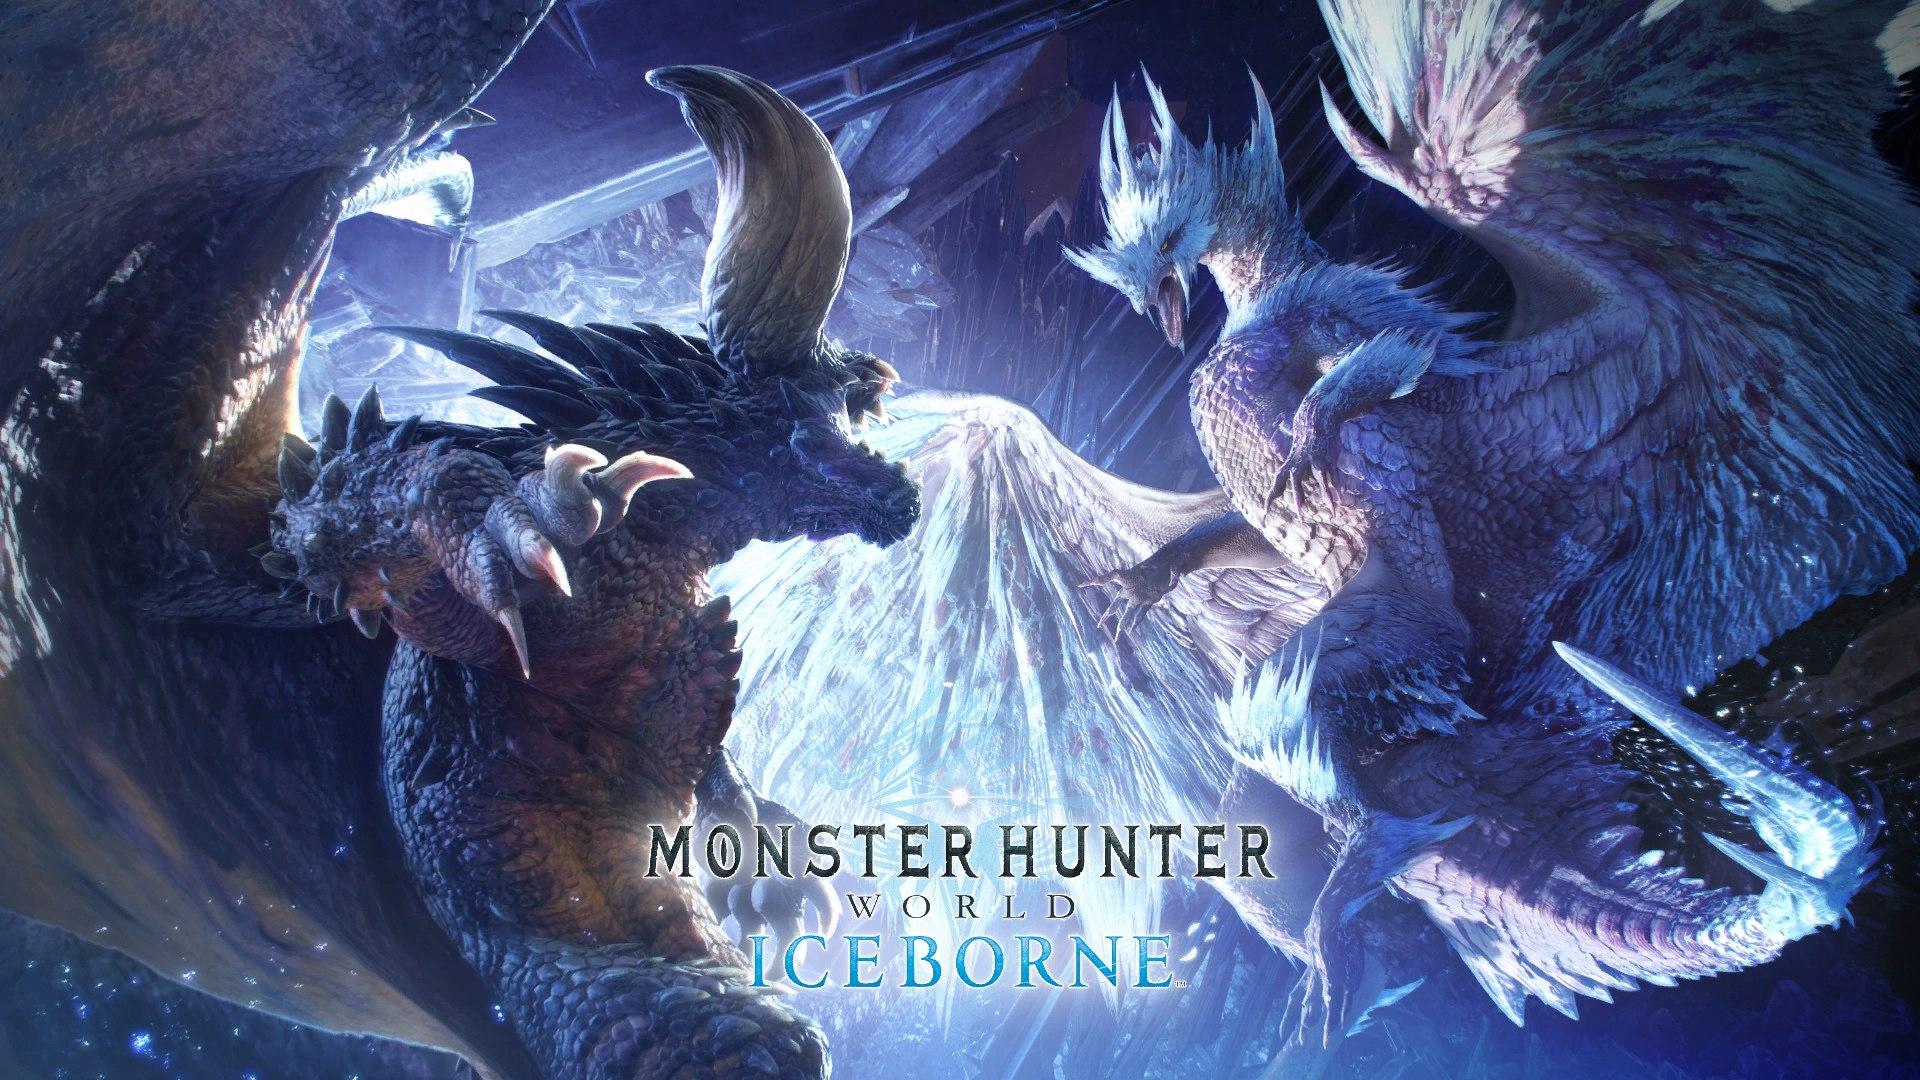 Monster Hunter World 9102019 1